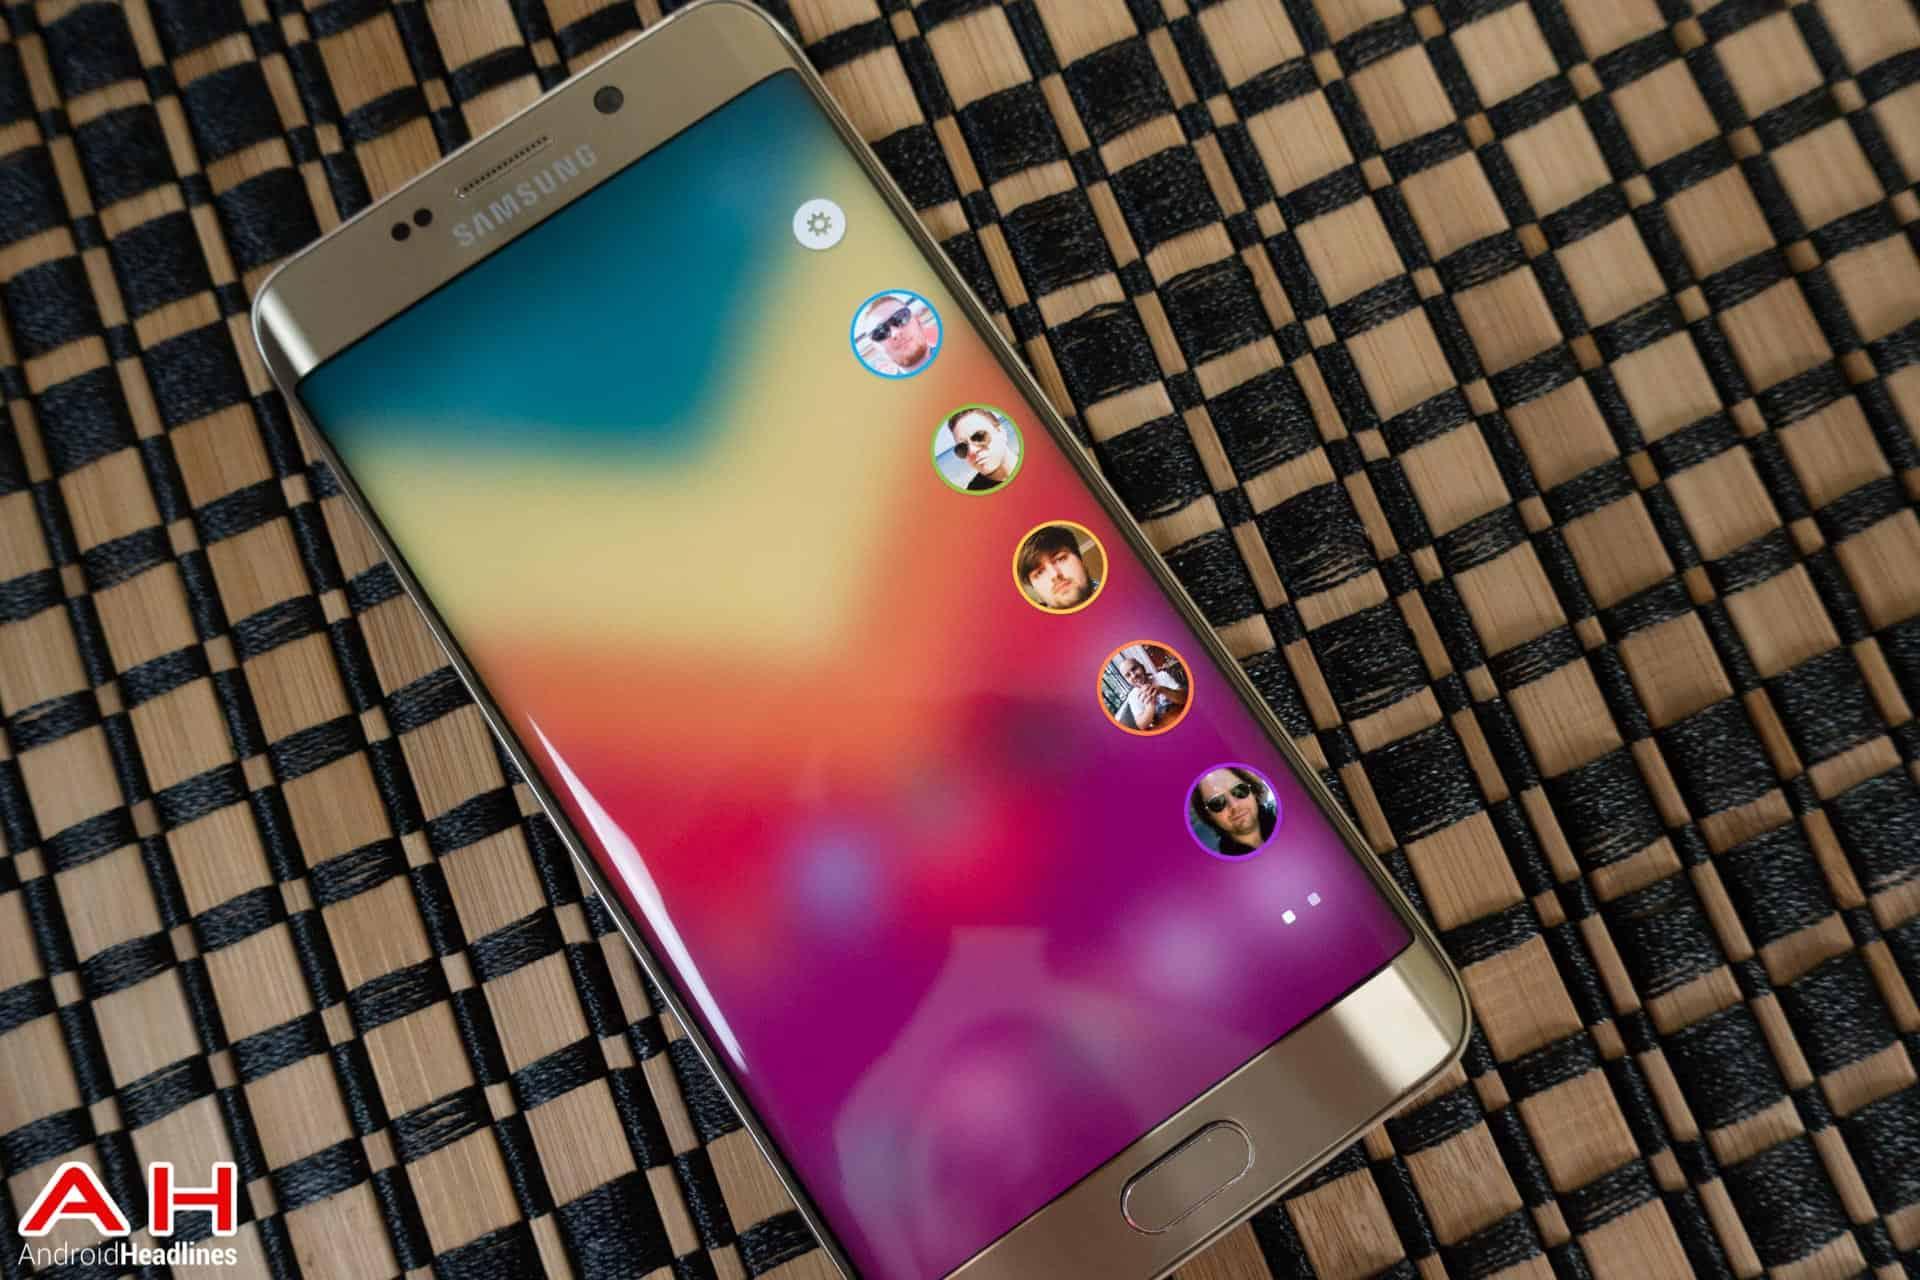 Galaxy-S6-Edge-Plus-Apps-Edge-AH-1